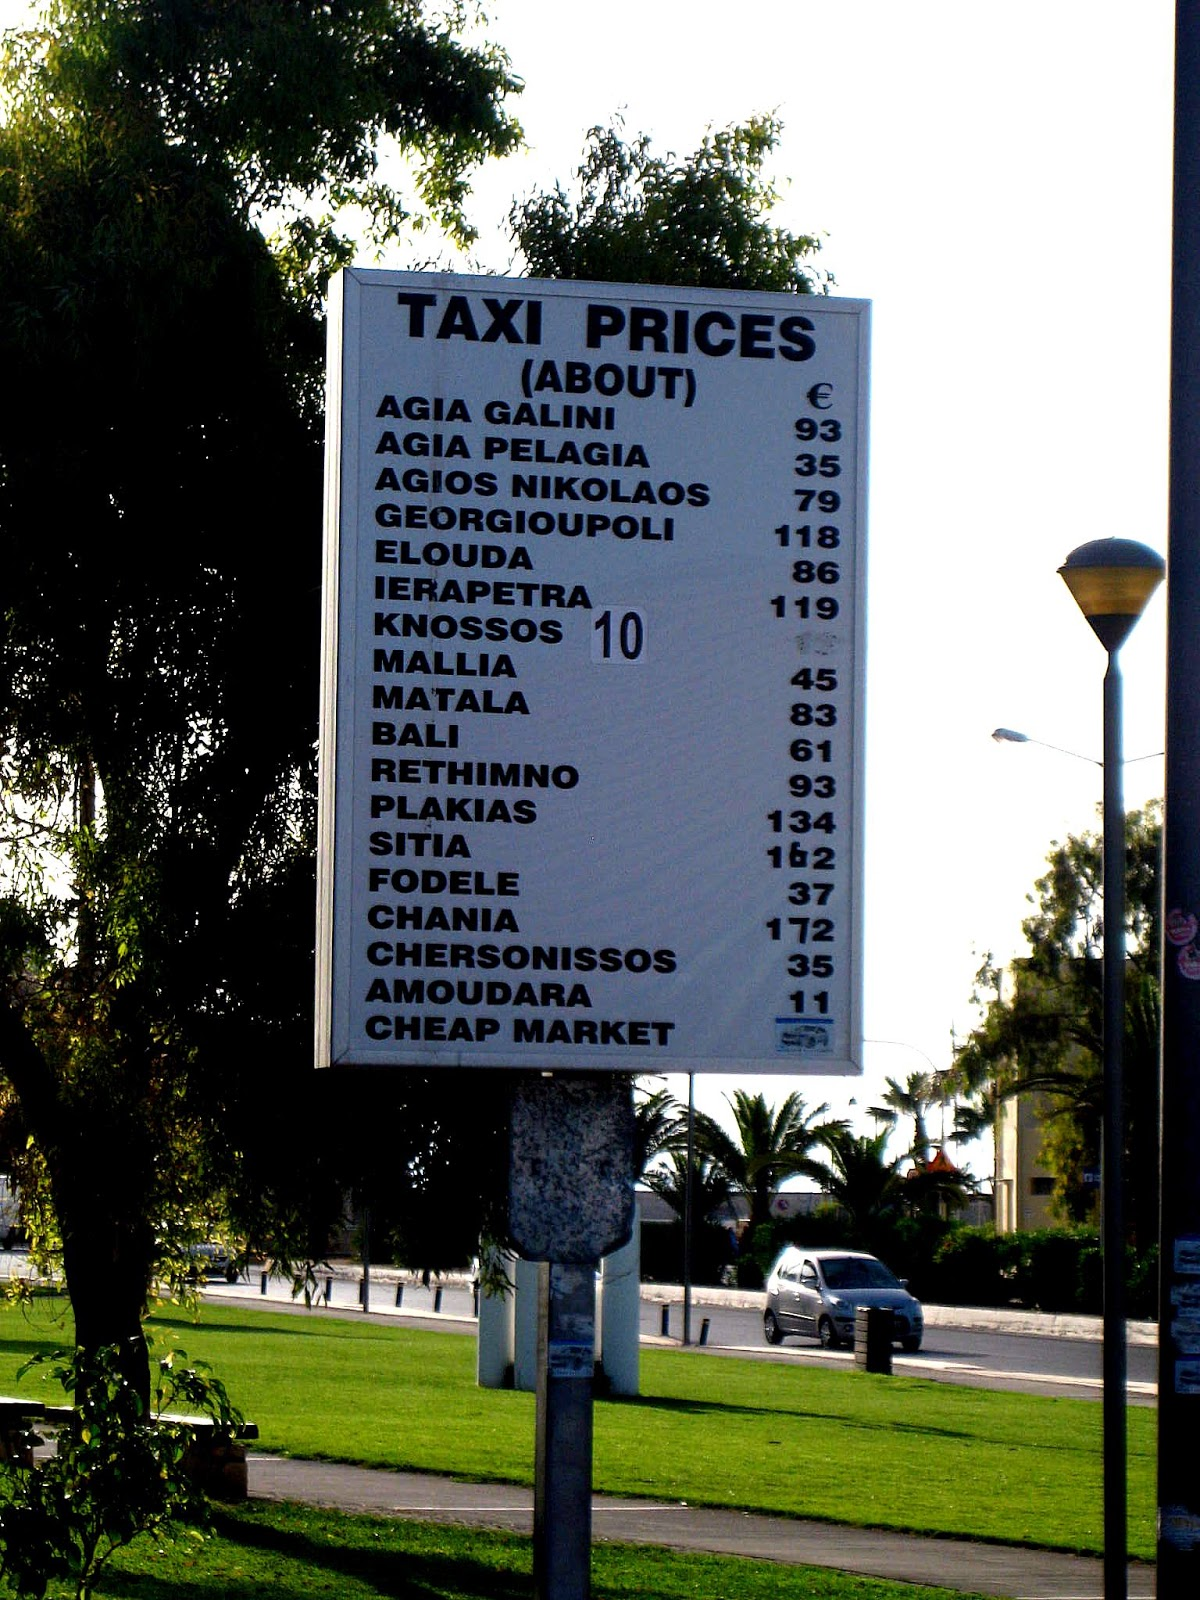 Cene taxi usluga - Iraklion